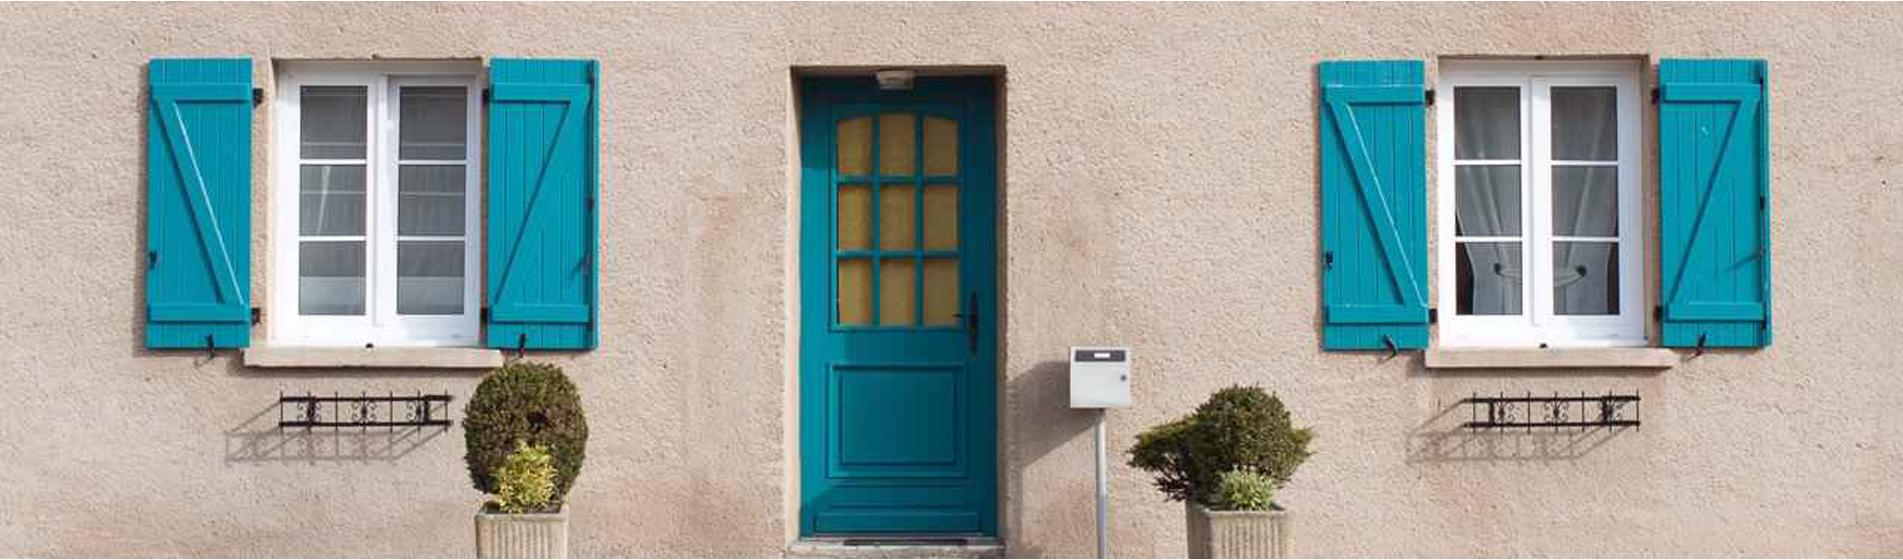 fabricant porte fenêtre alu 84 Vaucluse